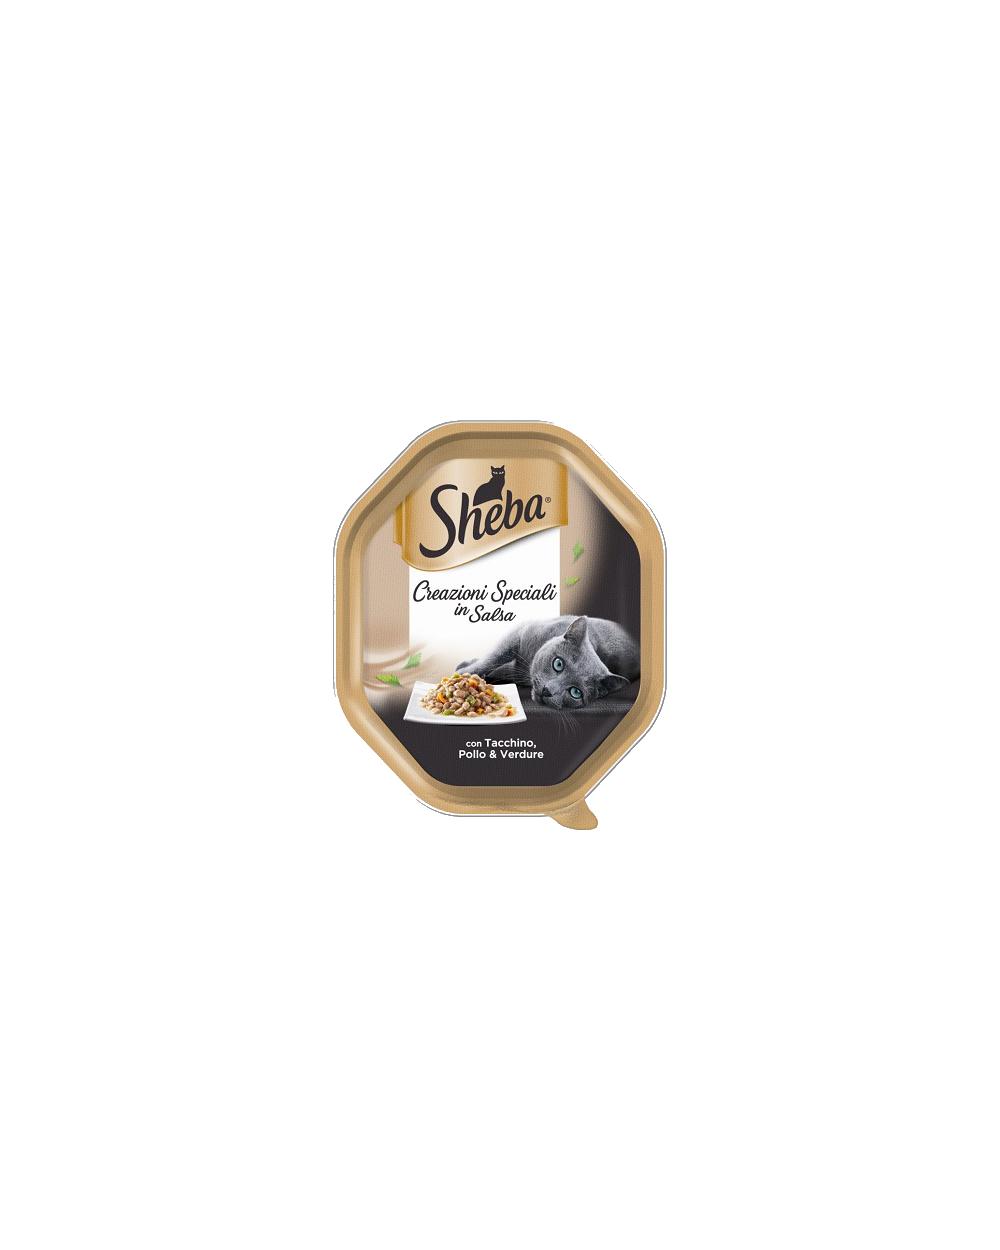 Sheba Creazioni Speciali con Pollo e Tacchino